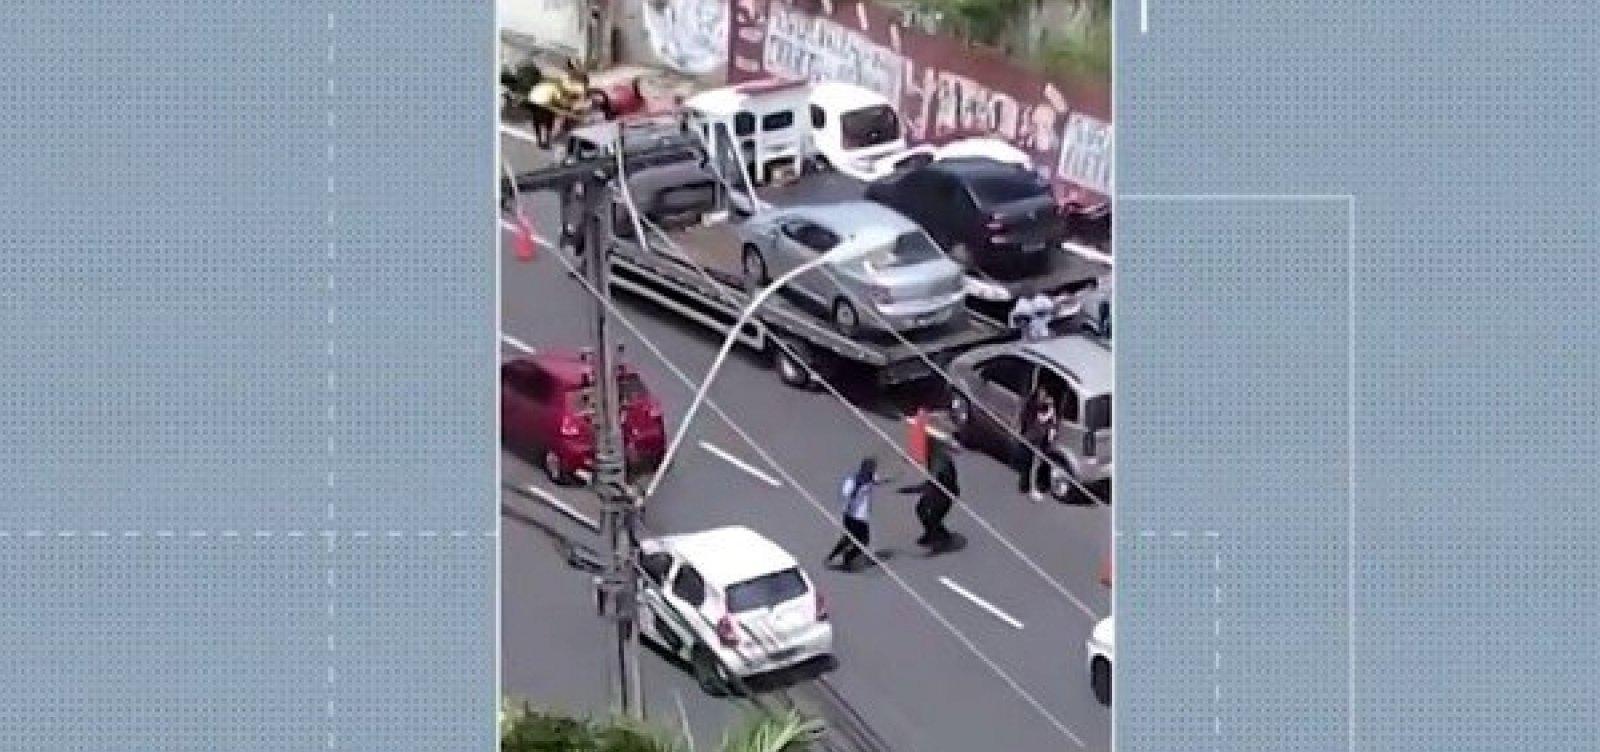 Guardas municipais suspeitos de agressão a motoboy prestam depoimento